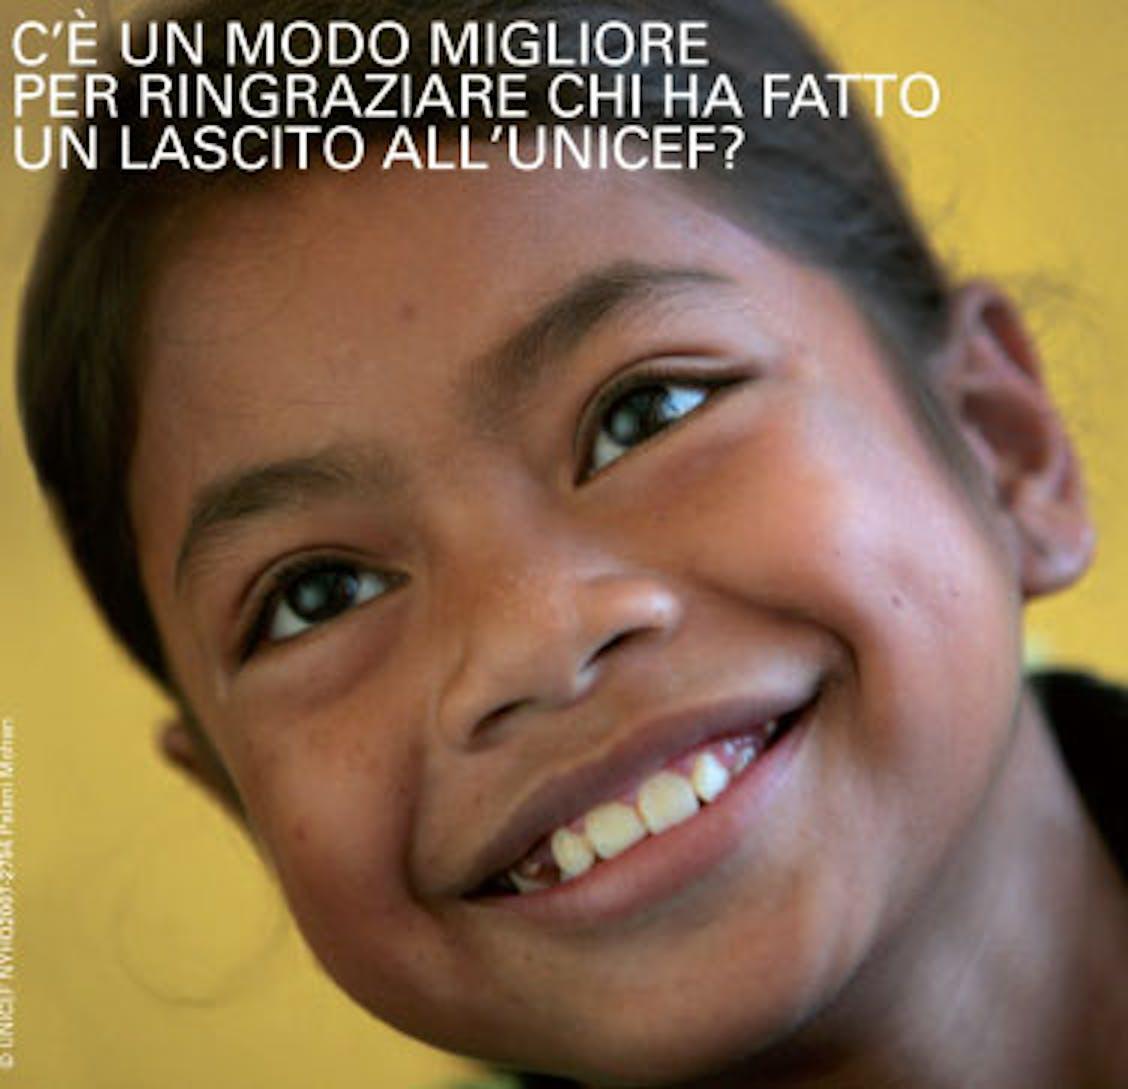 In occasione della Giornata Internazionale dei lasciti, il 13 settembre, l'UNICEF vuole ricordare tutti coloro che hanno voluto fare un lascito testamentario in favore dell'infanzia